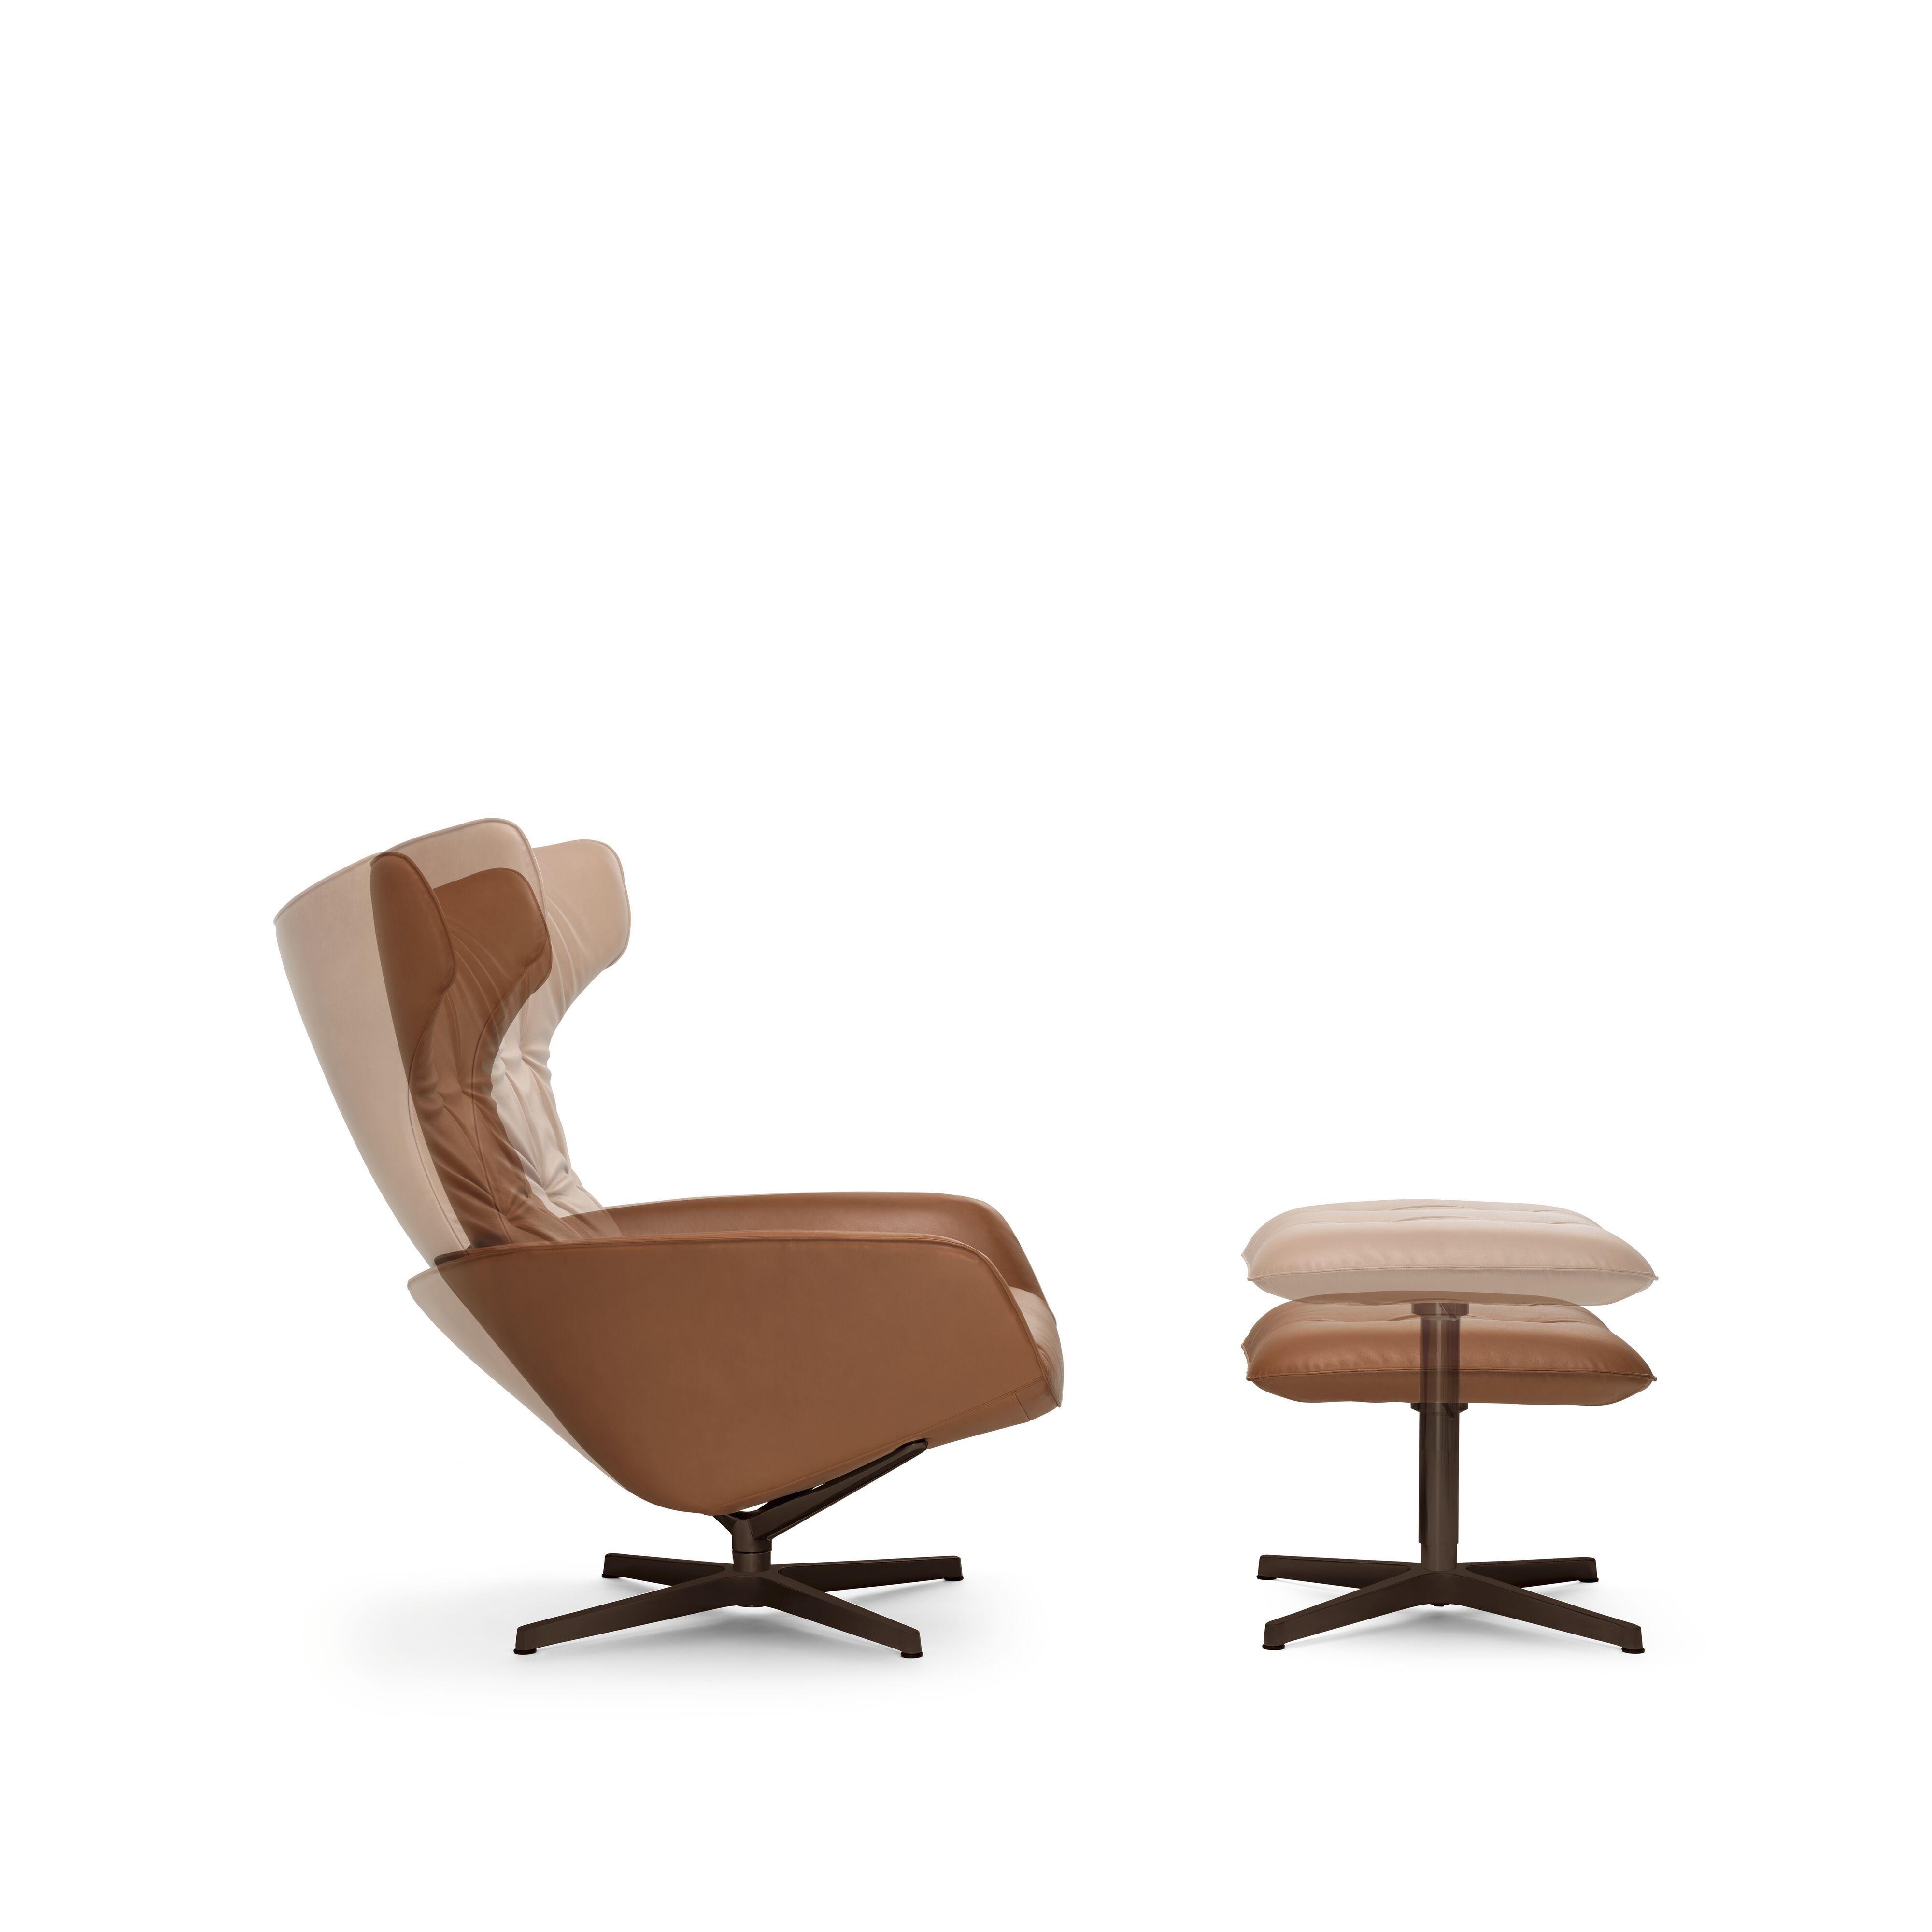 05-WK-Onsa Chair-matt-pulverbeschichtet, bronze-0017-H.tif